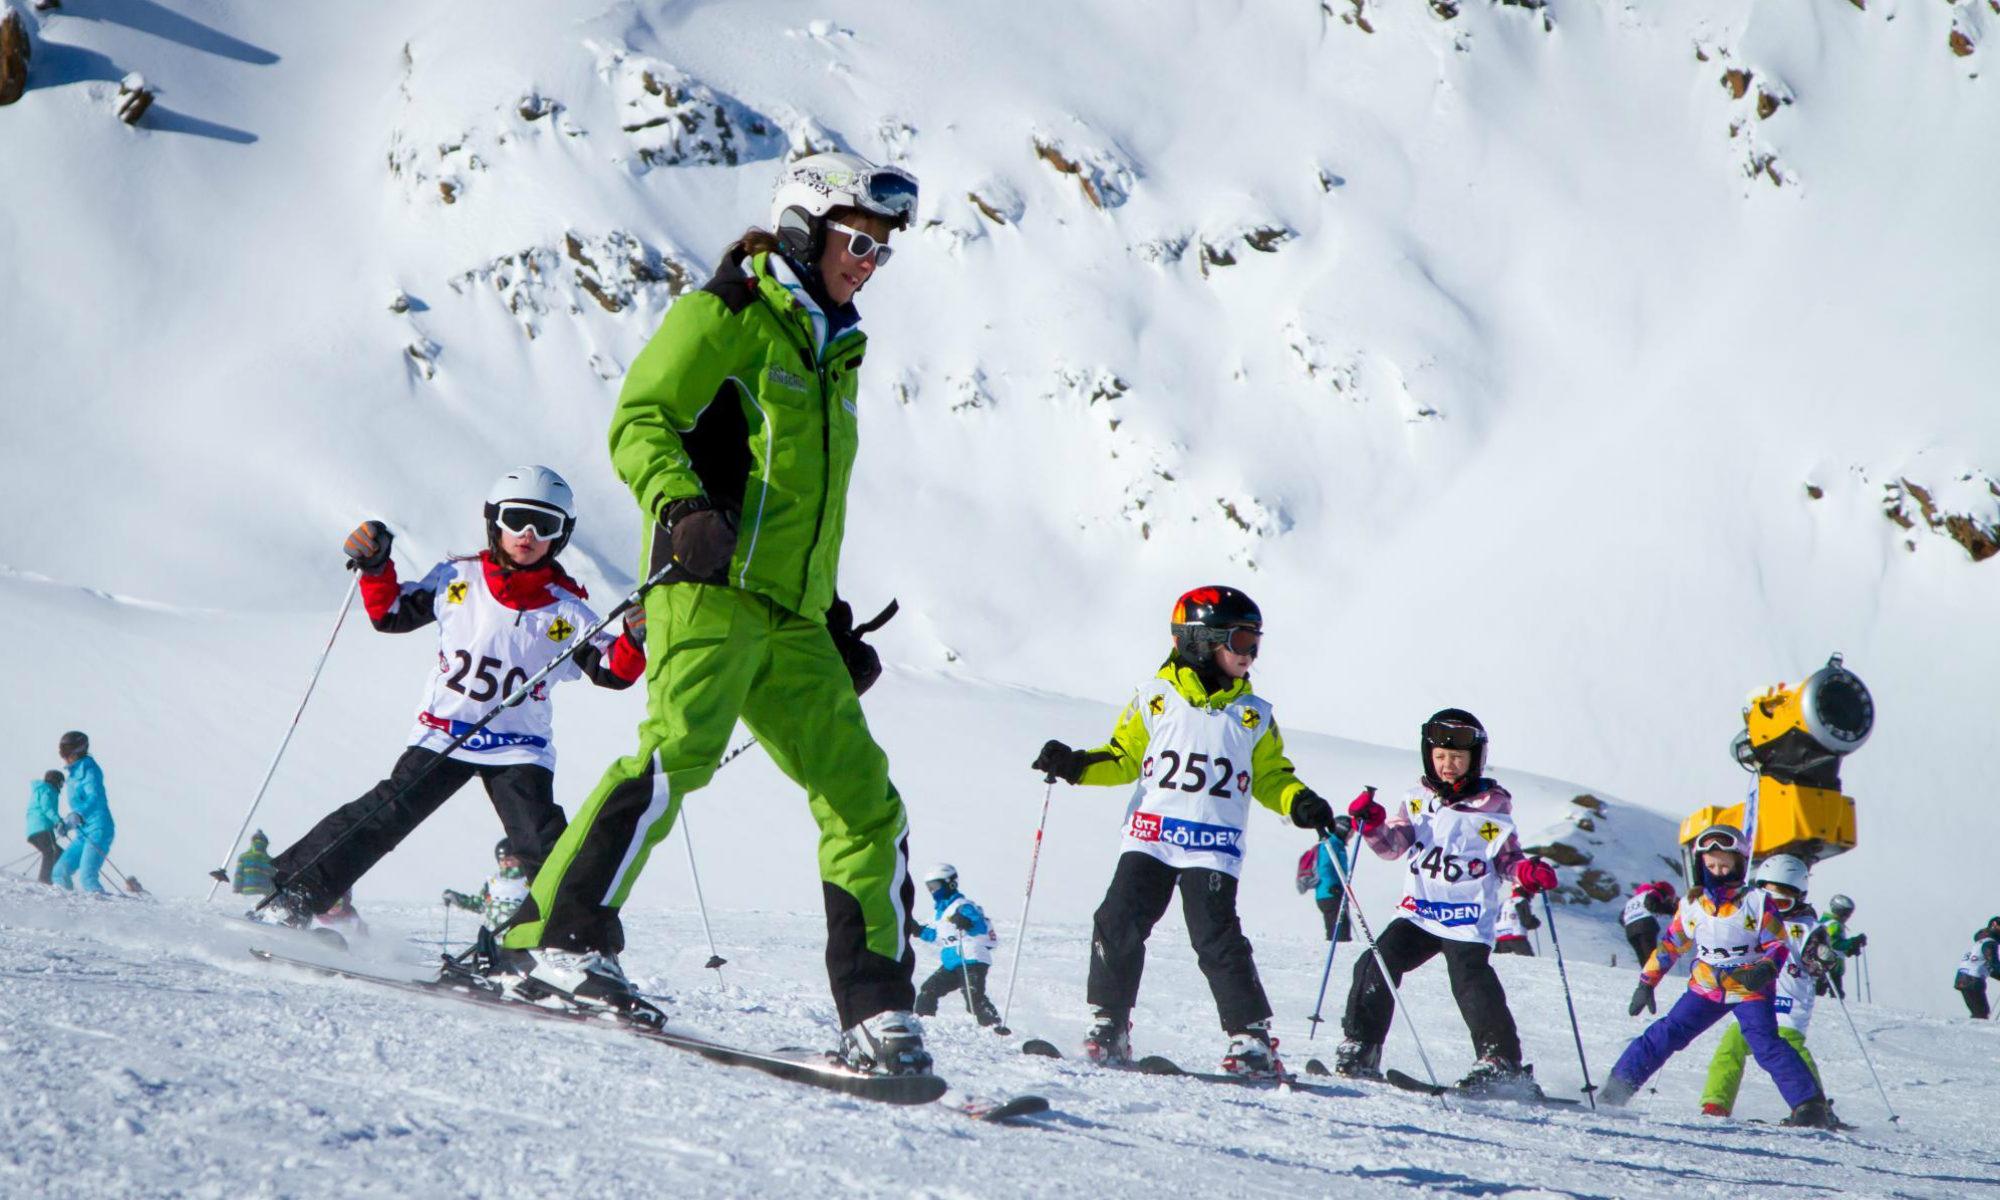 Ein Skilehrer bringt 5 Kindern das Skifahren auf einer Piste im Skigebiet Sölden bei.